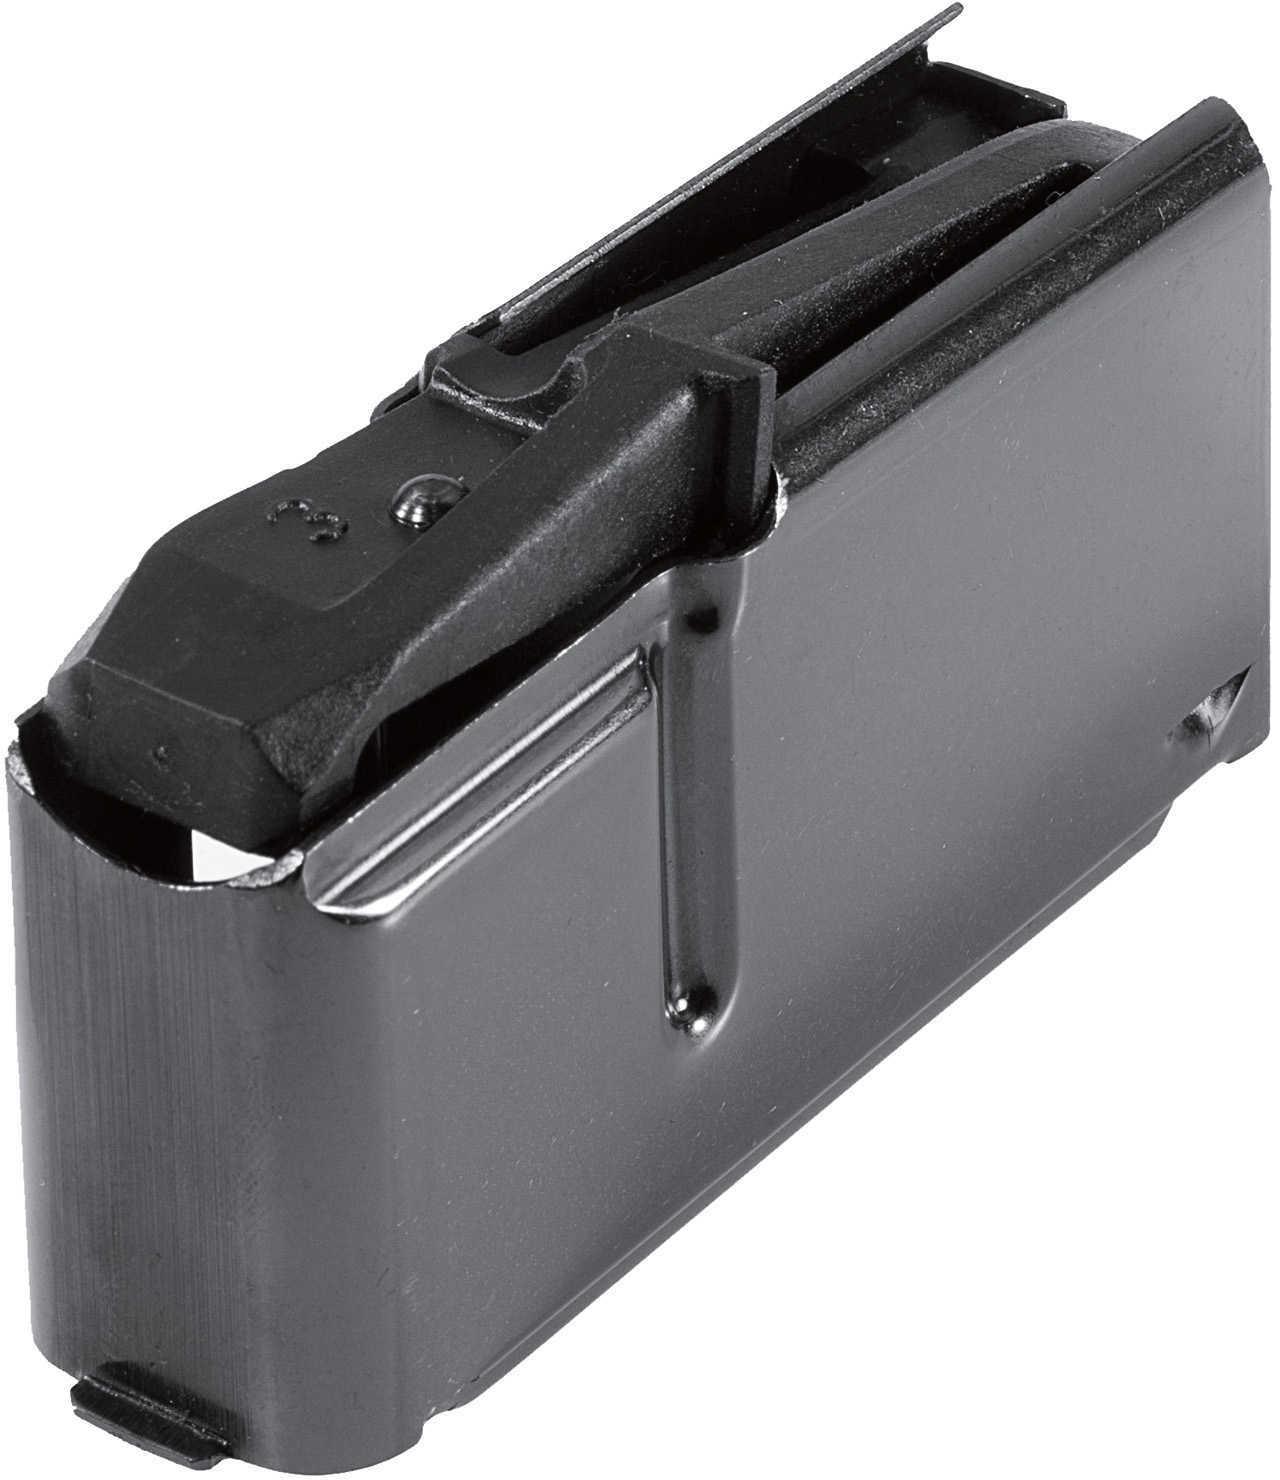 Browning BAR Magazine Shorttrac 325 WSM Mag Md: 112025052